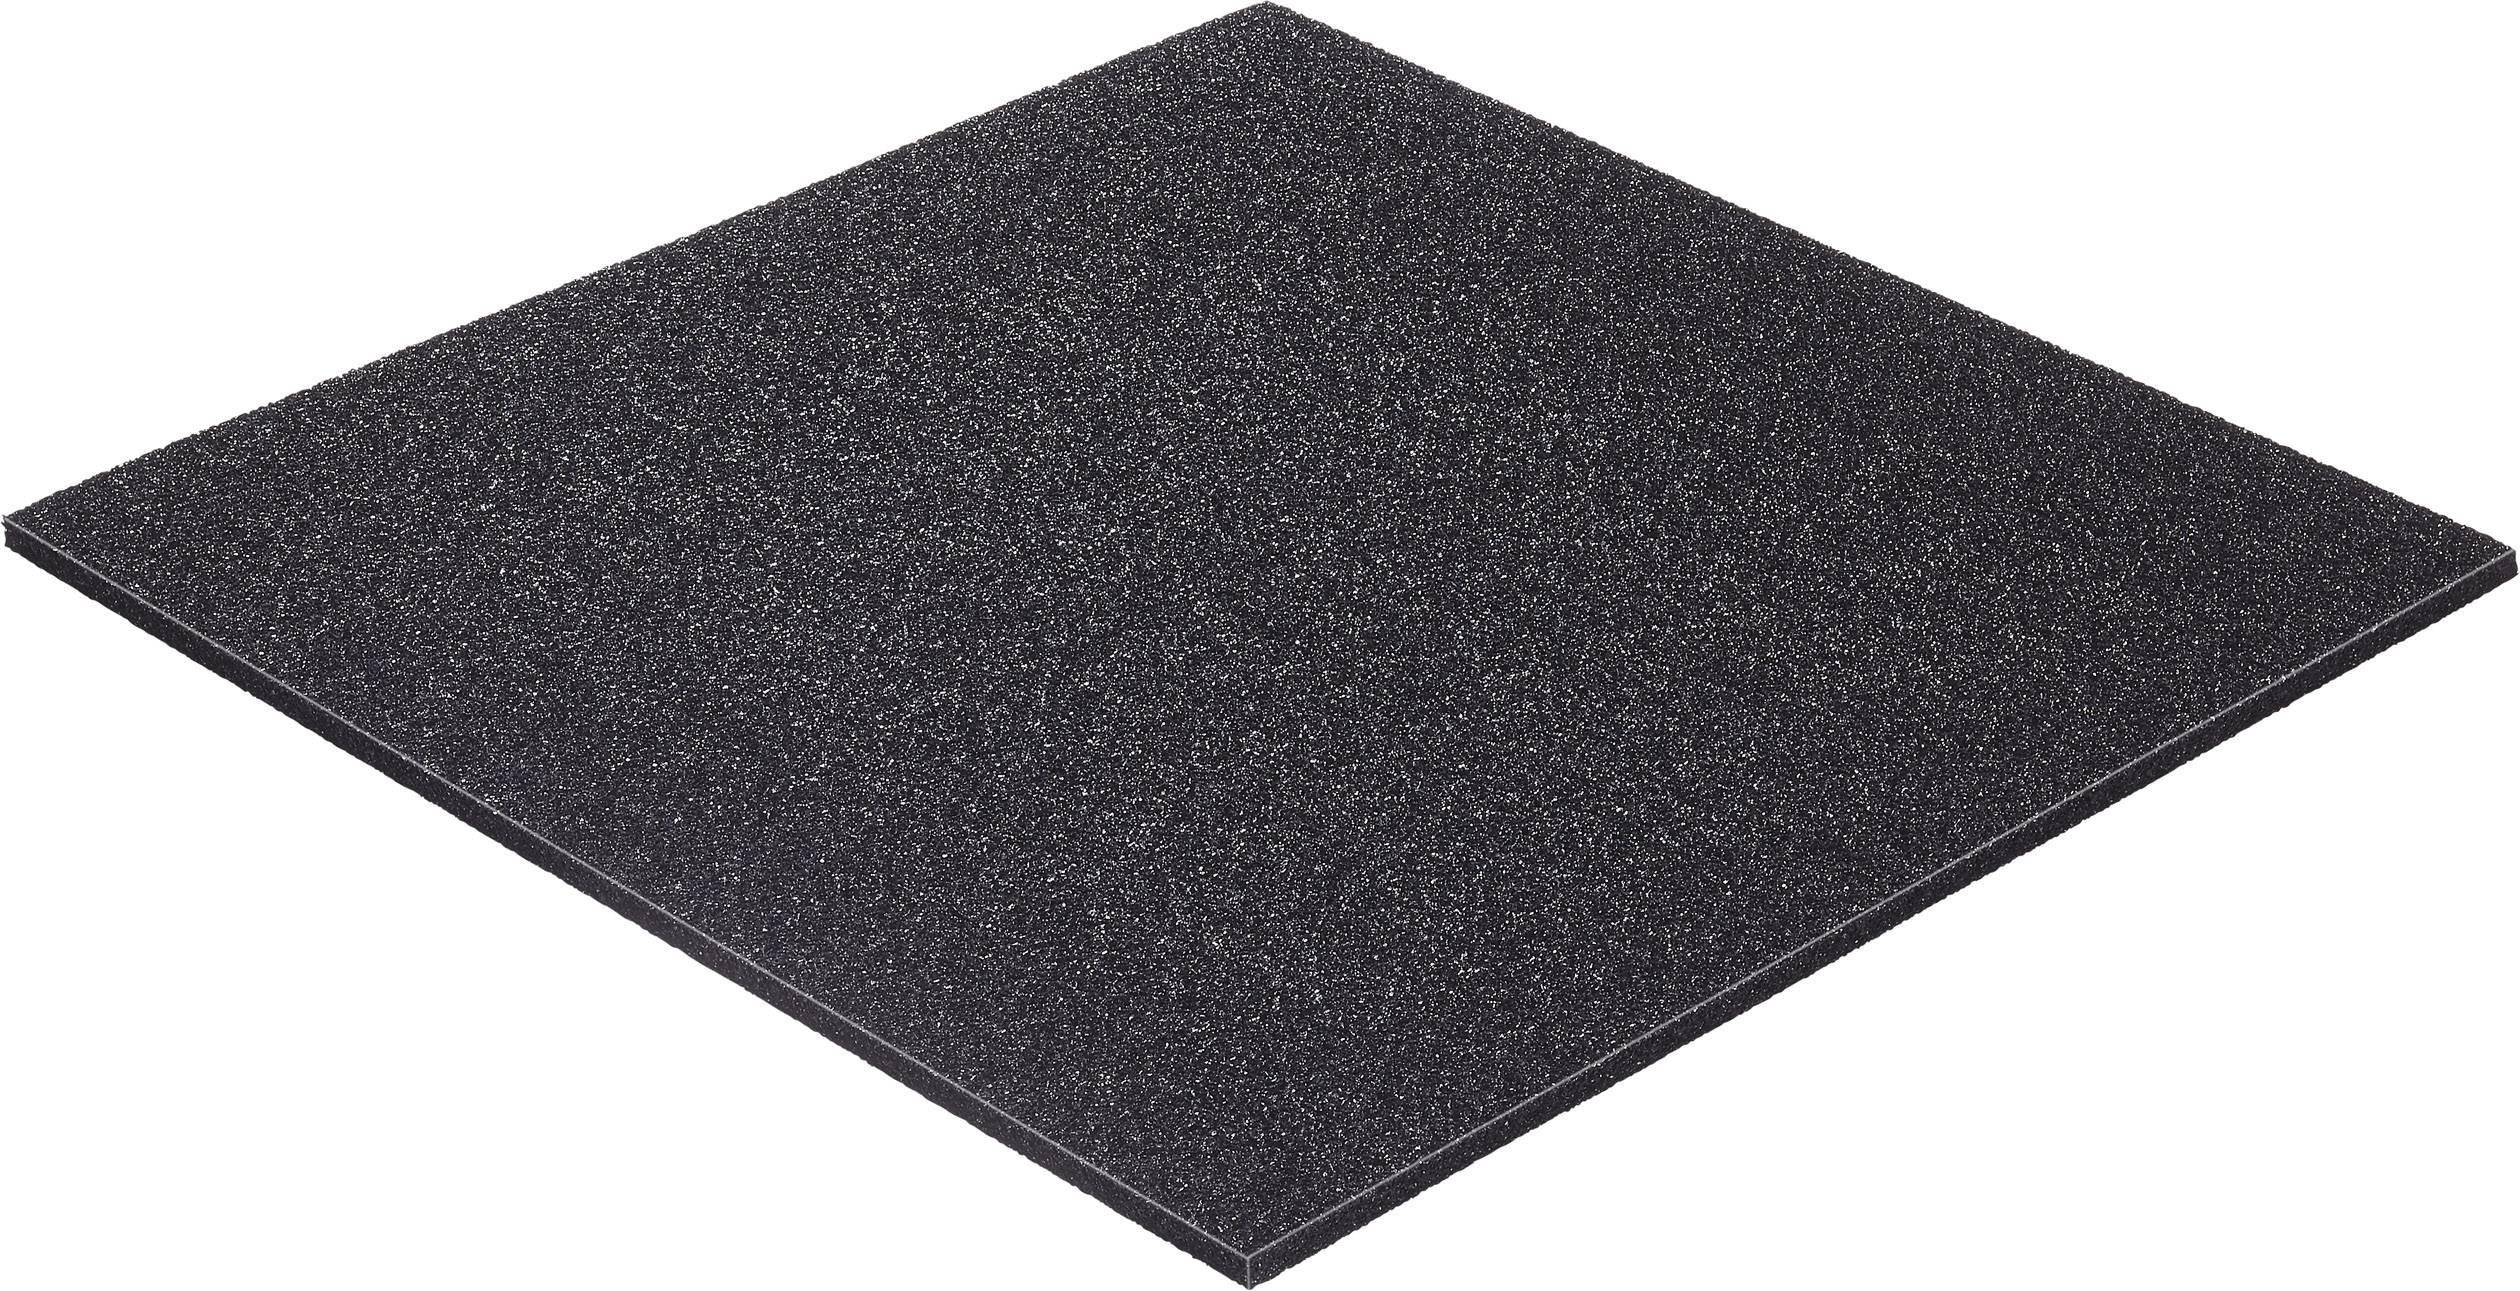 Disipativní ESD pěna Wolfgang Warmbier 4550, 300 x 300 x 6 mm, černá